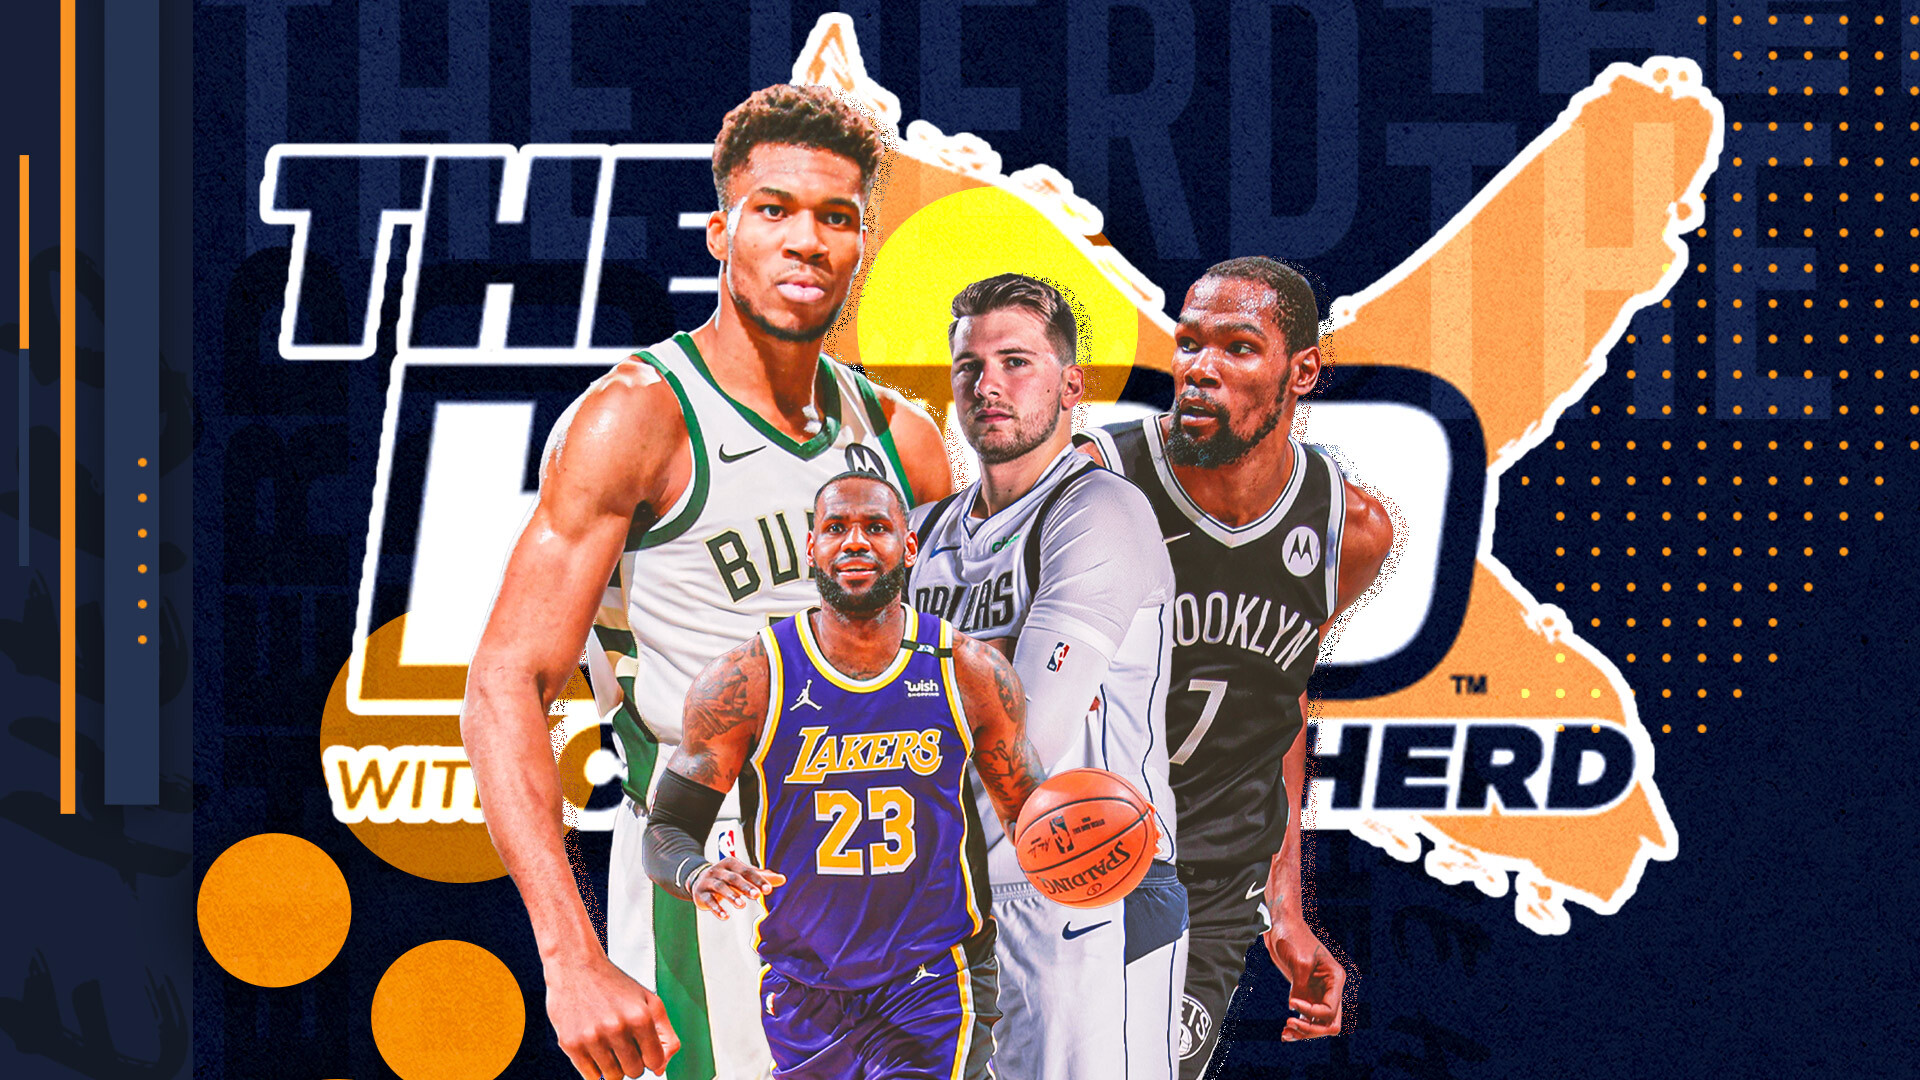 Colin Cowherd ranks his top 10 NBA players going into next season